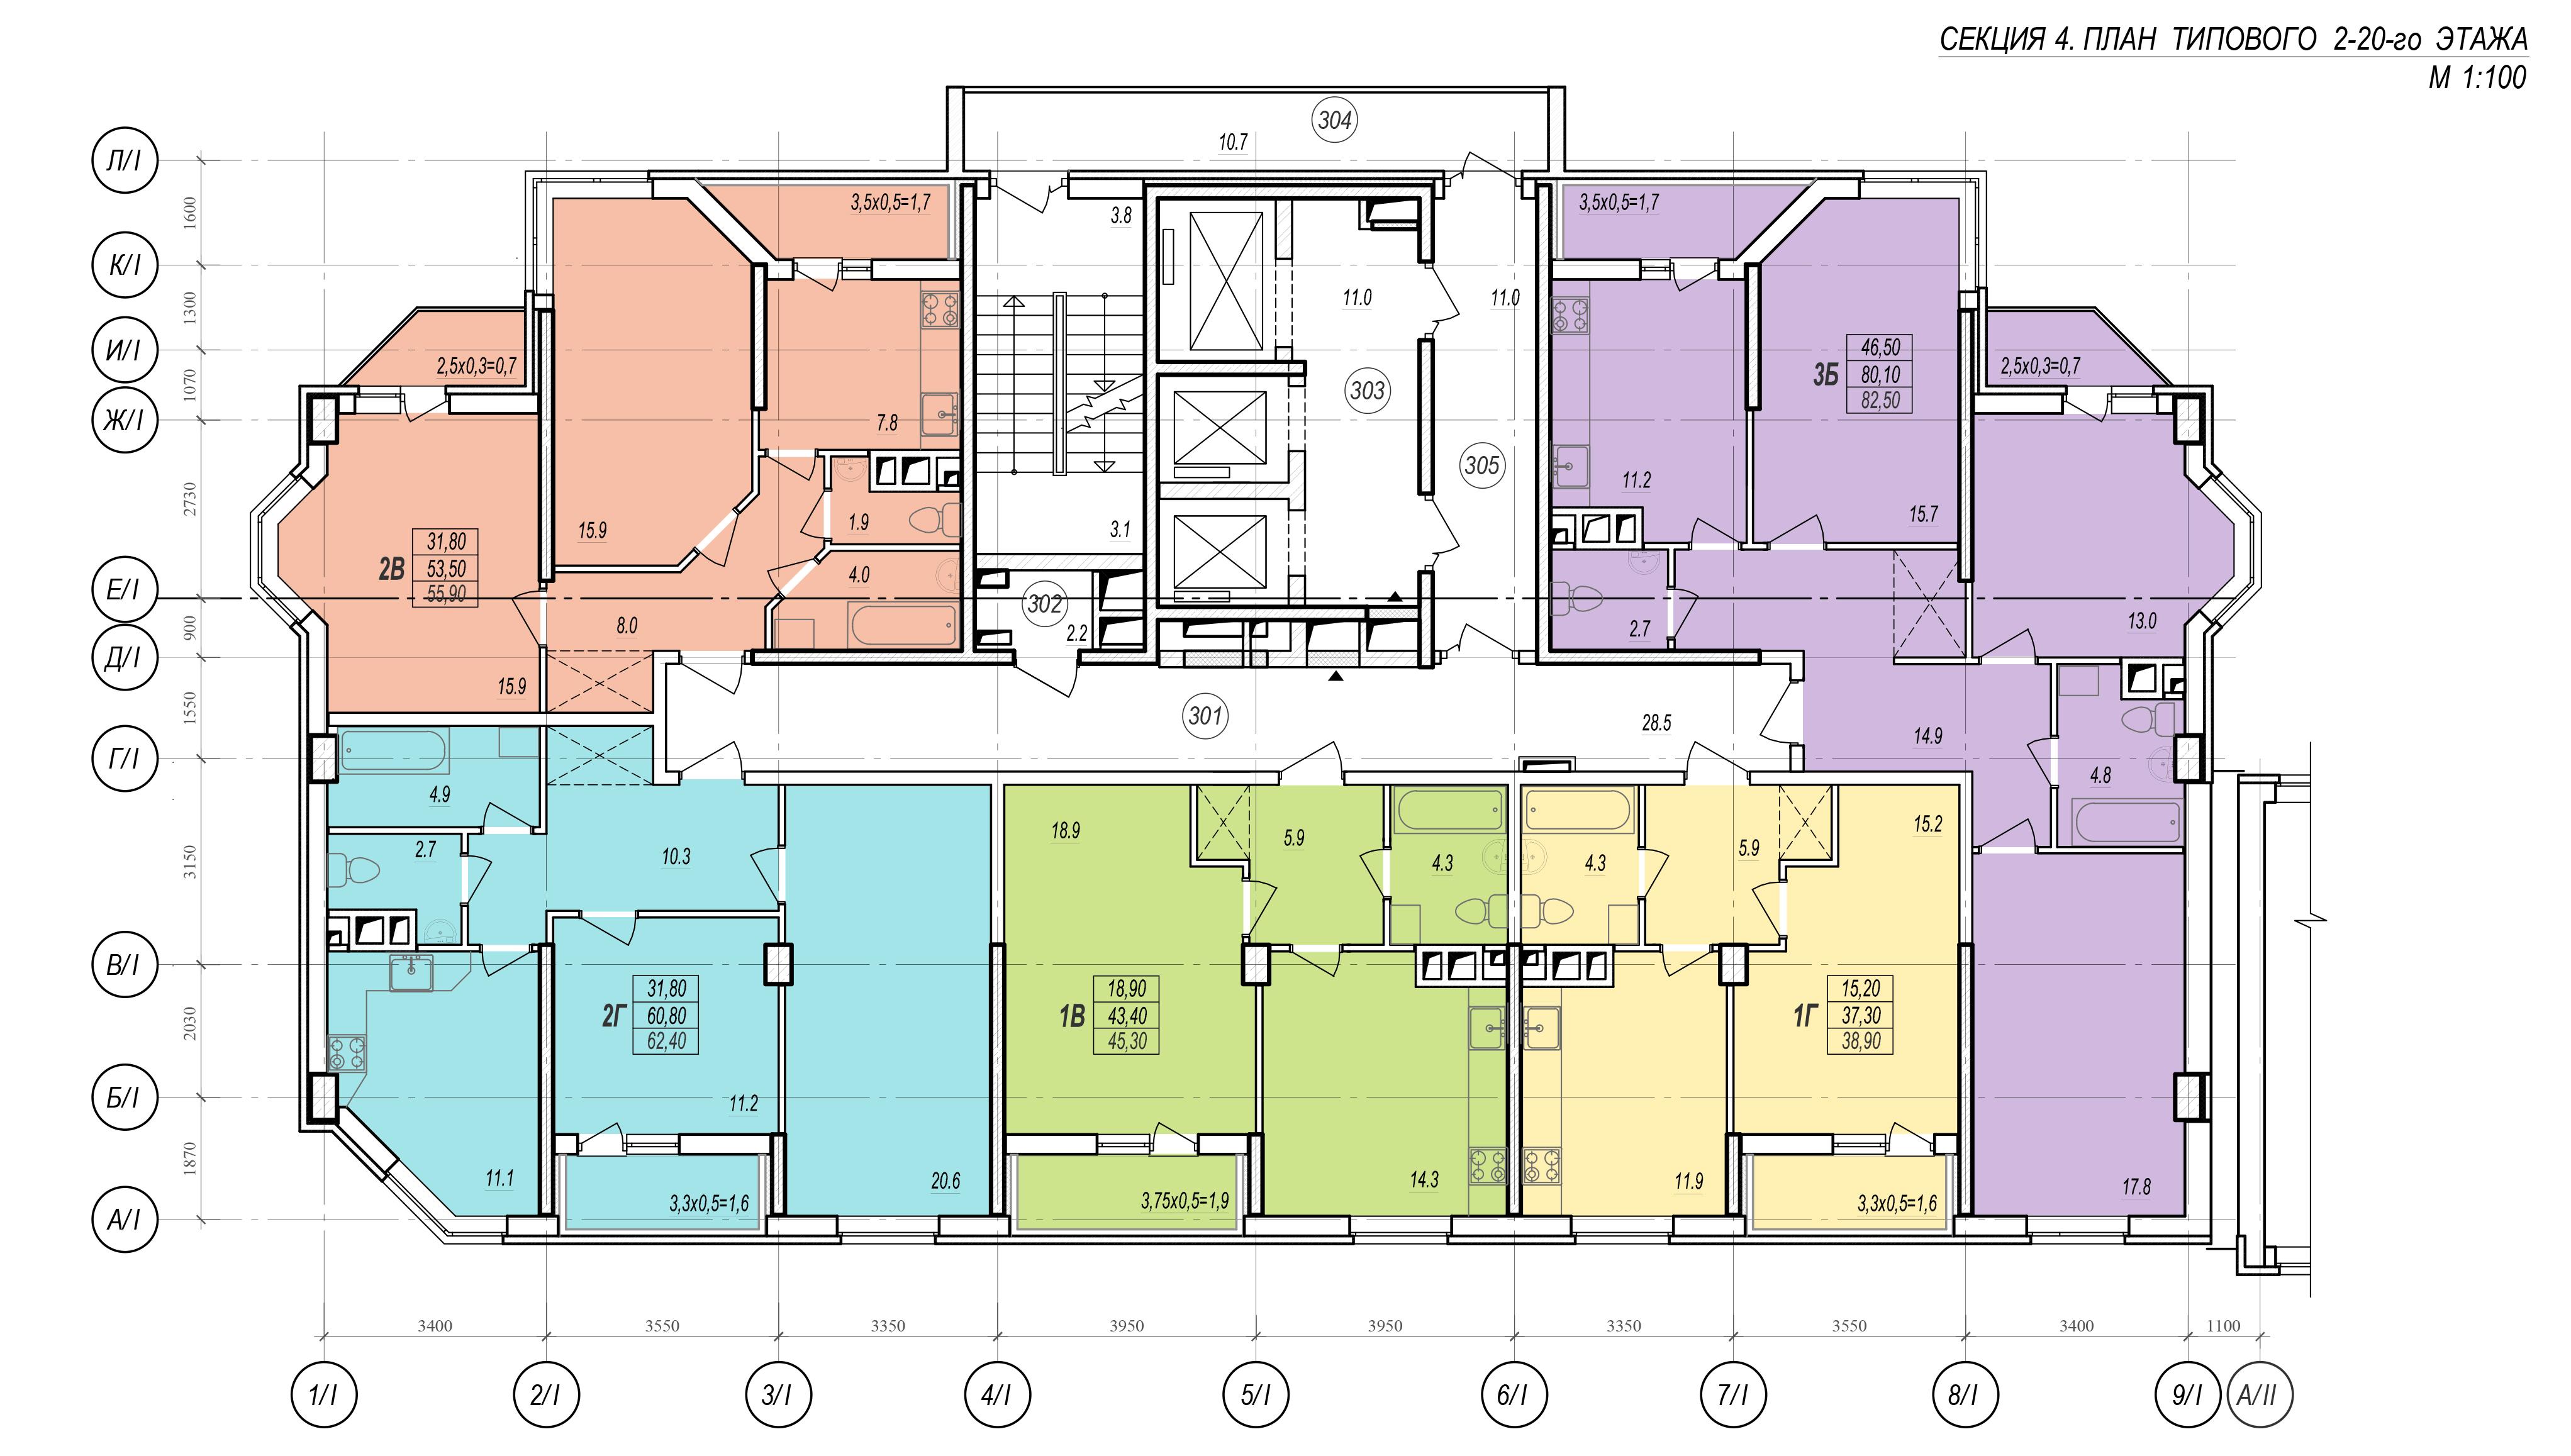 Планировки ЖК Балковский - Стикон. Секция 4, этаж 2-20